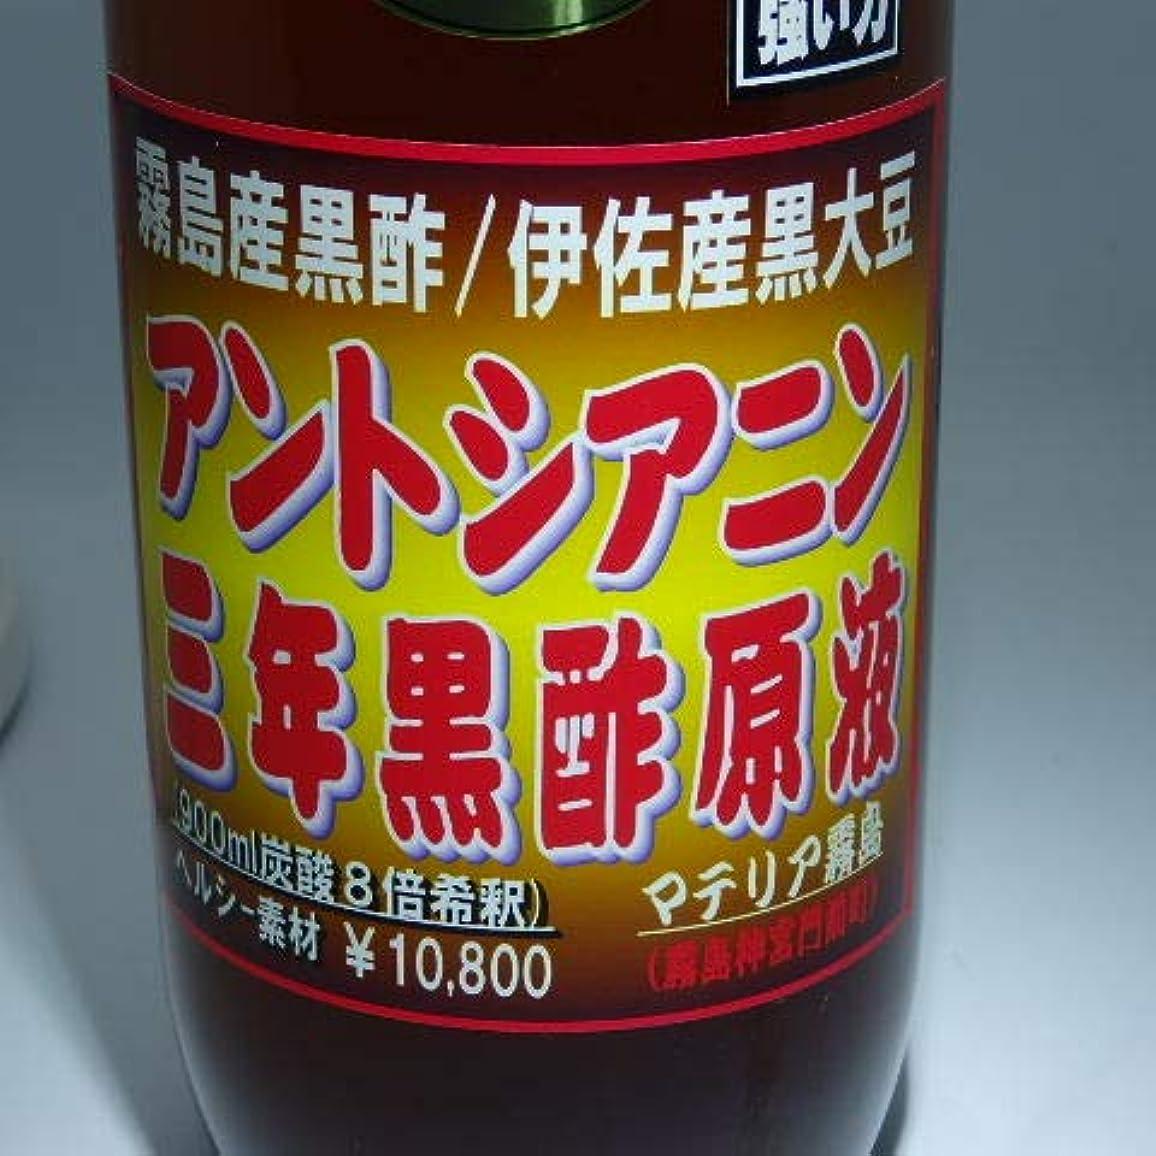 軍団食品埋め込む無添加健康食品/黒酢黒豆乳酸系原液/3年熟成(900ml)60日分¥10,800